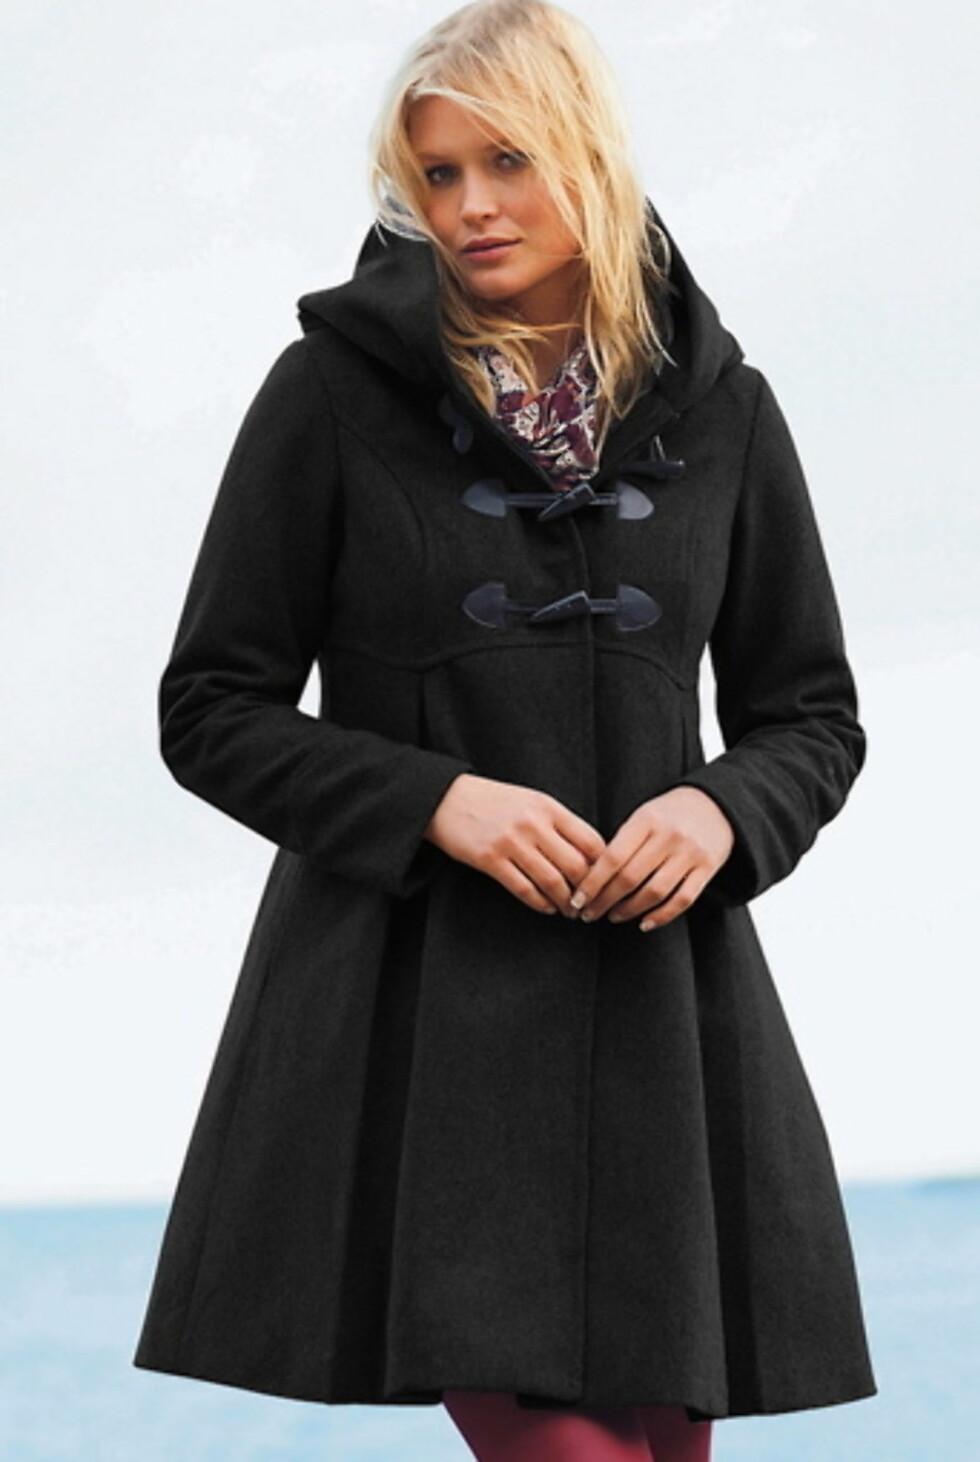 Sort jakke fra Dyffel. Fås i sort og grå på Ellos.no kr 1079,- Foto: Produsenten